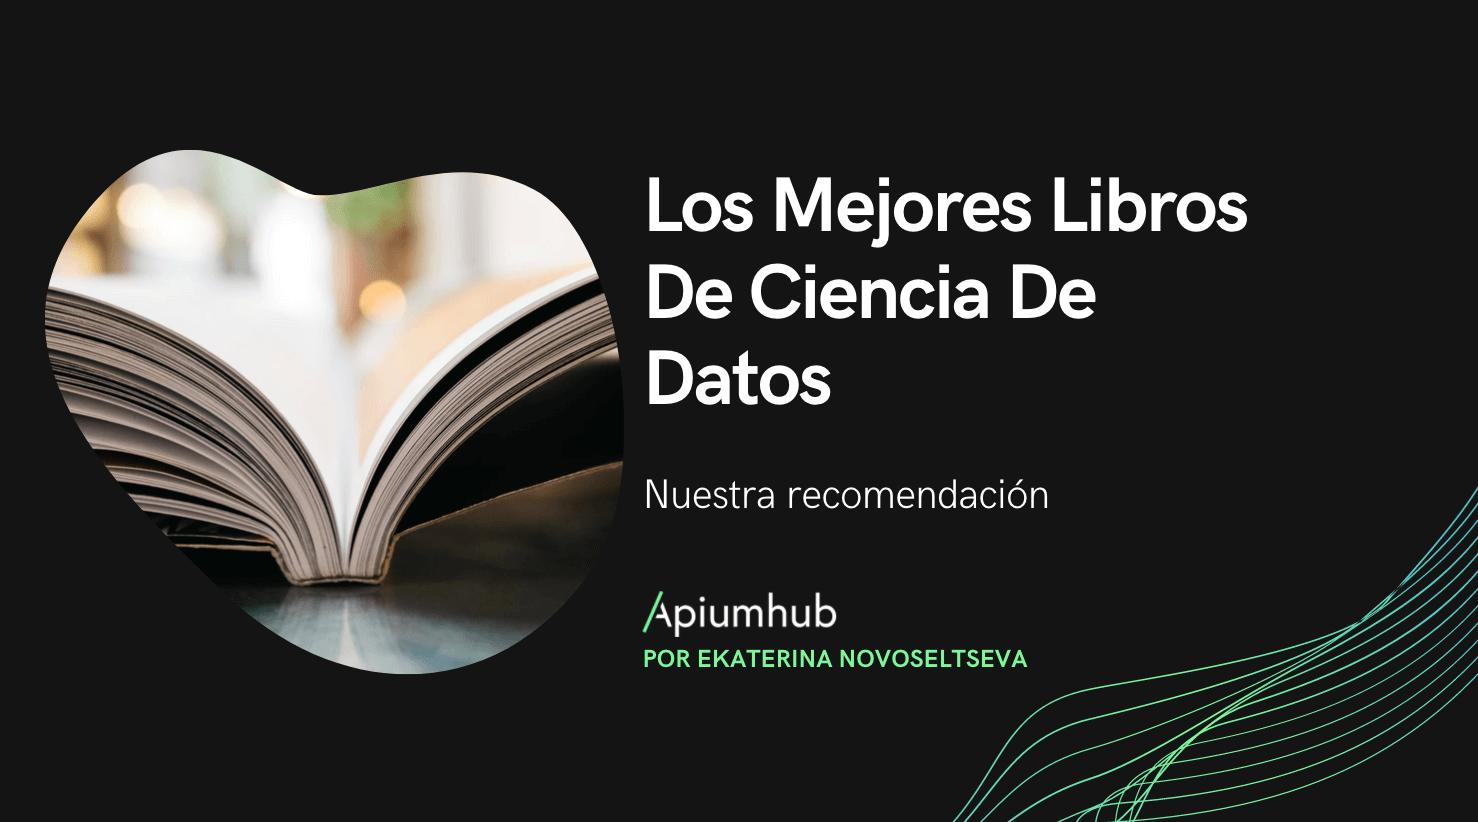 Los mejores libros de ciencia de datos que deberías leer